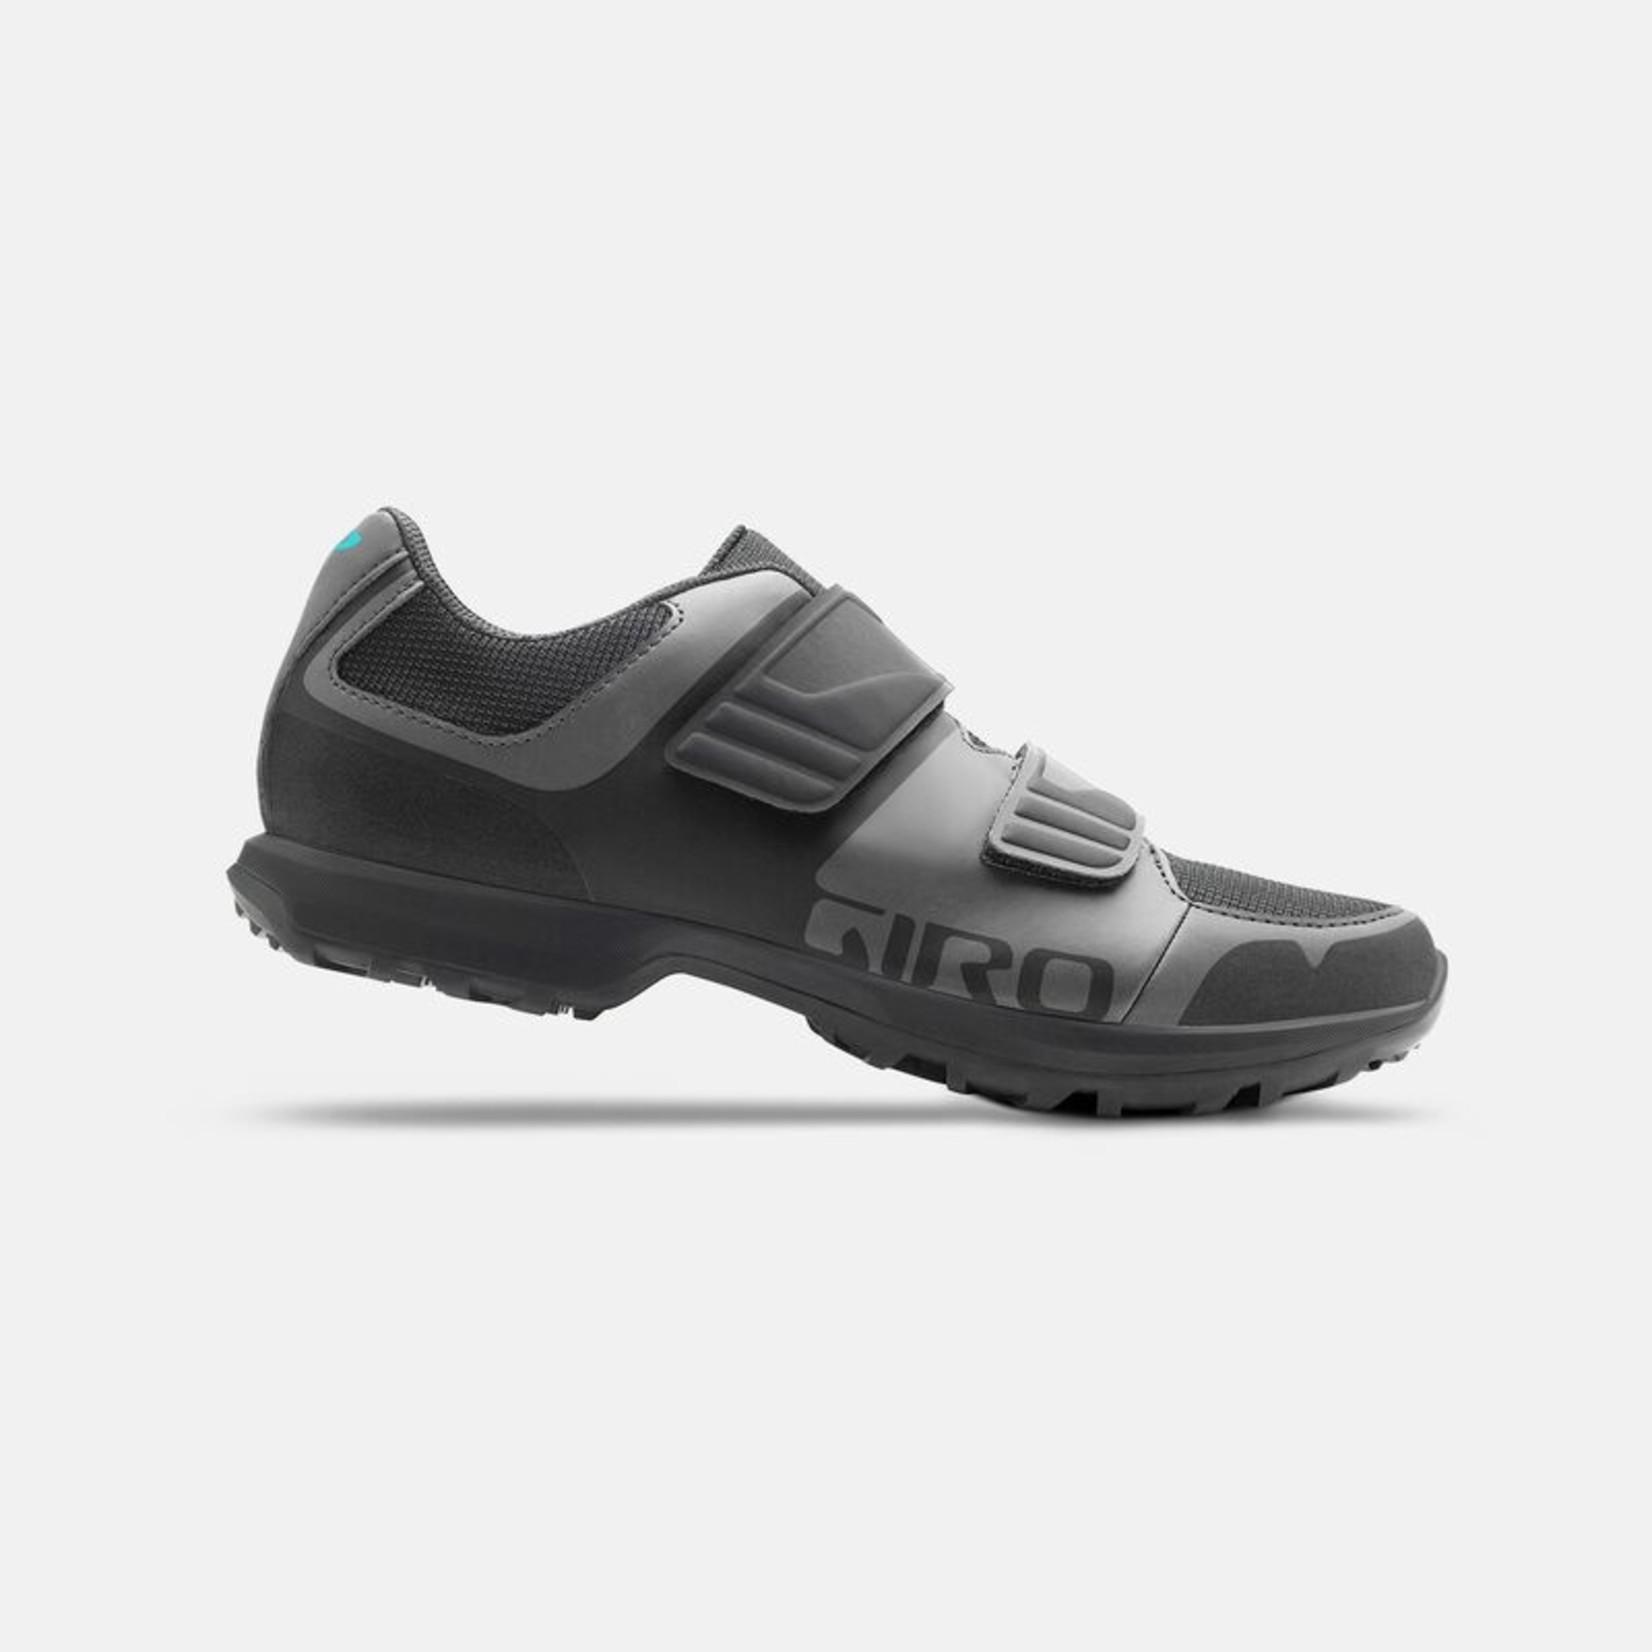 Giro Giro Berm Women's Shoe